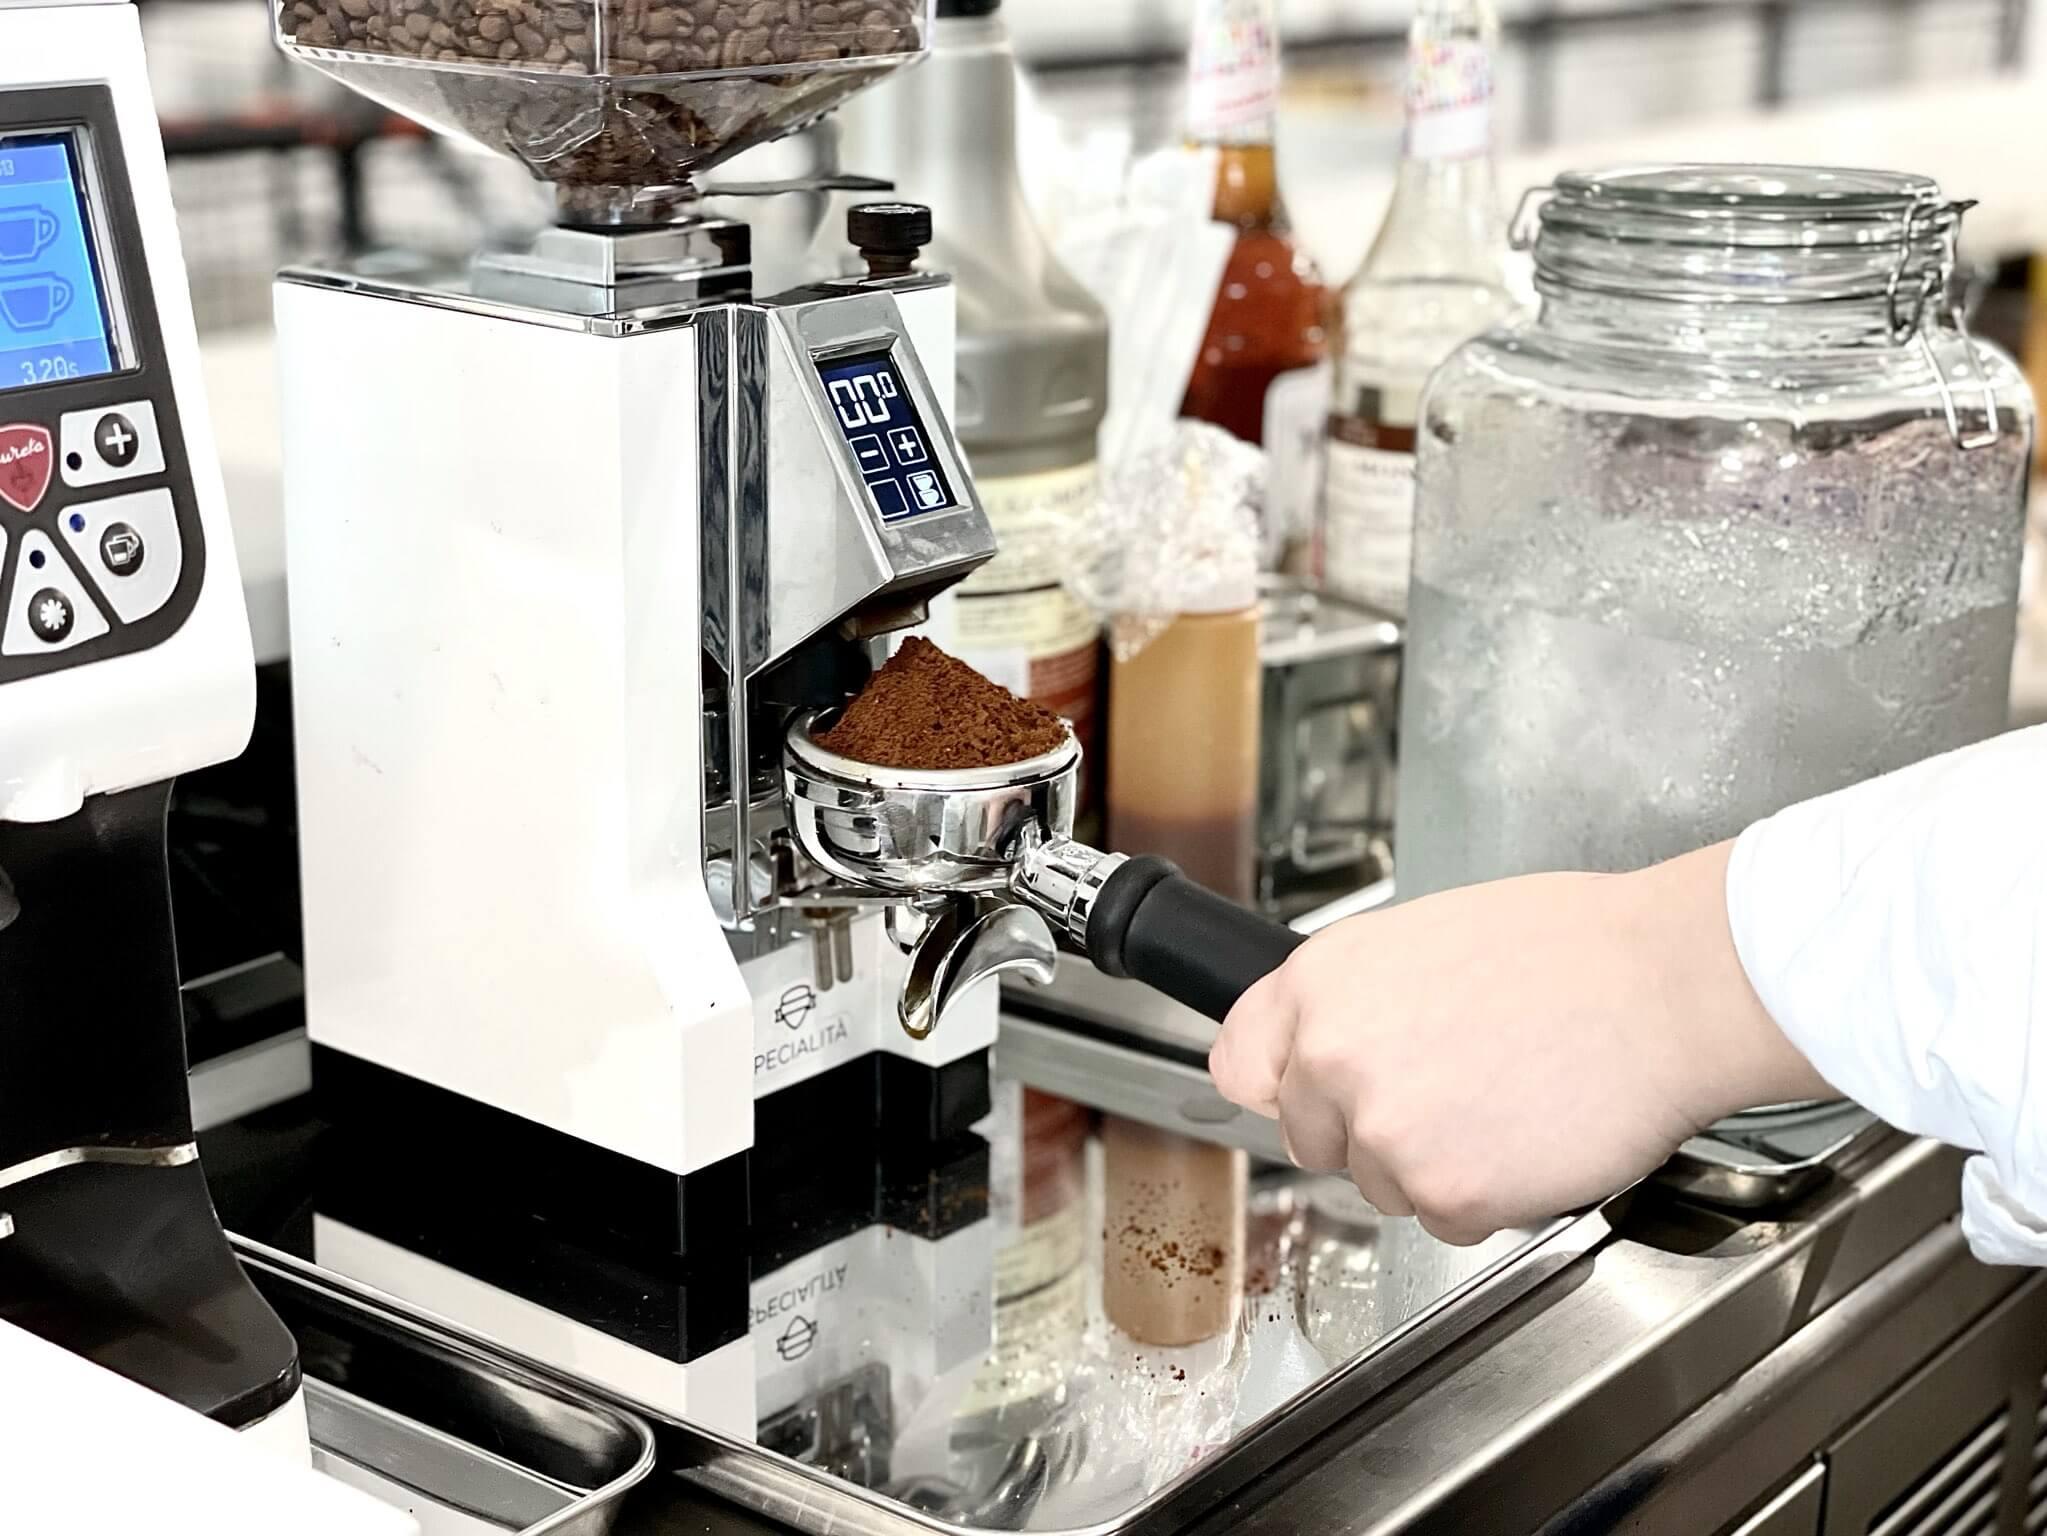 soko station 146のコーヒー豆を挽いているところ